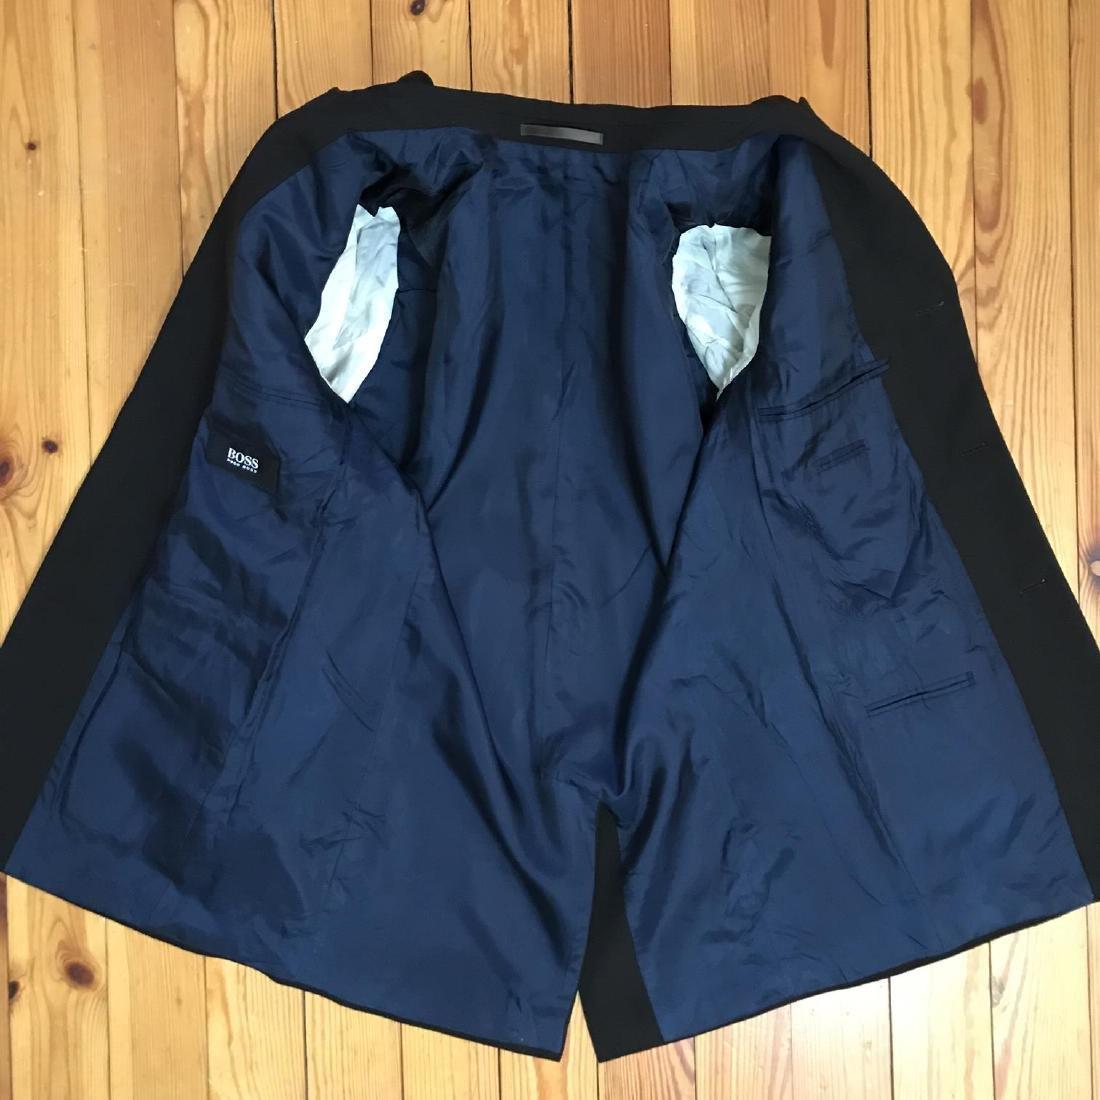 HUGO BOSS Men's Vintage Blazer / Jacket Size 46 EUR 36 - 5